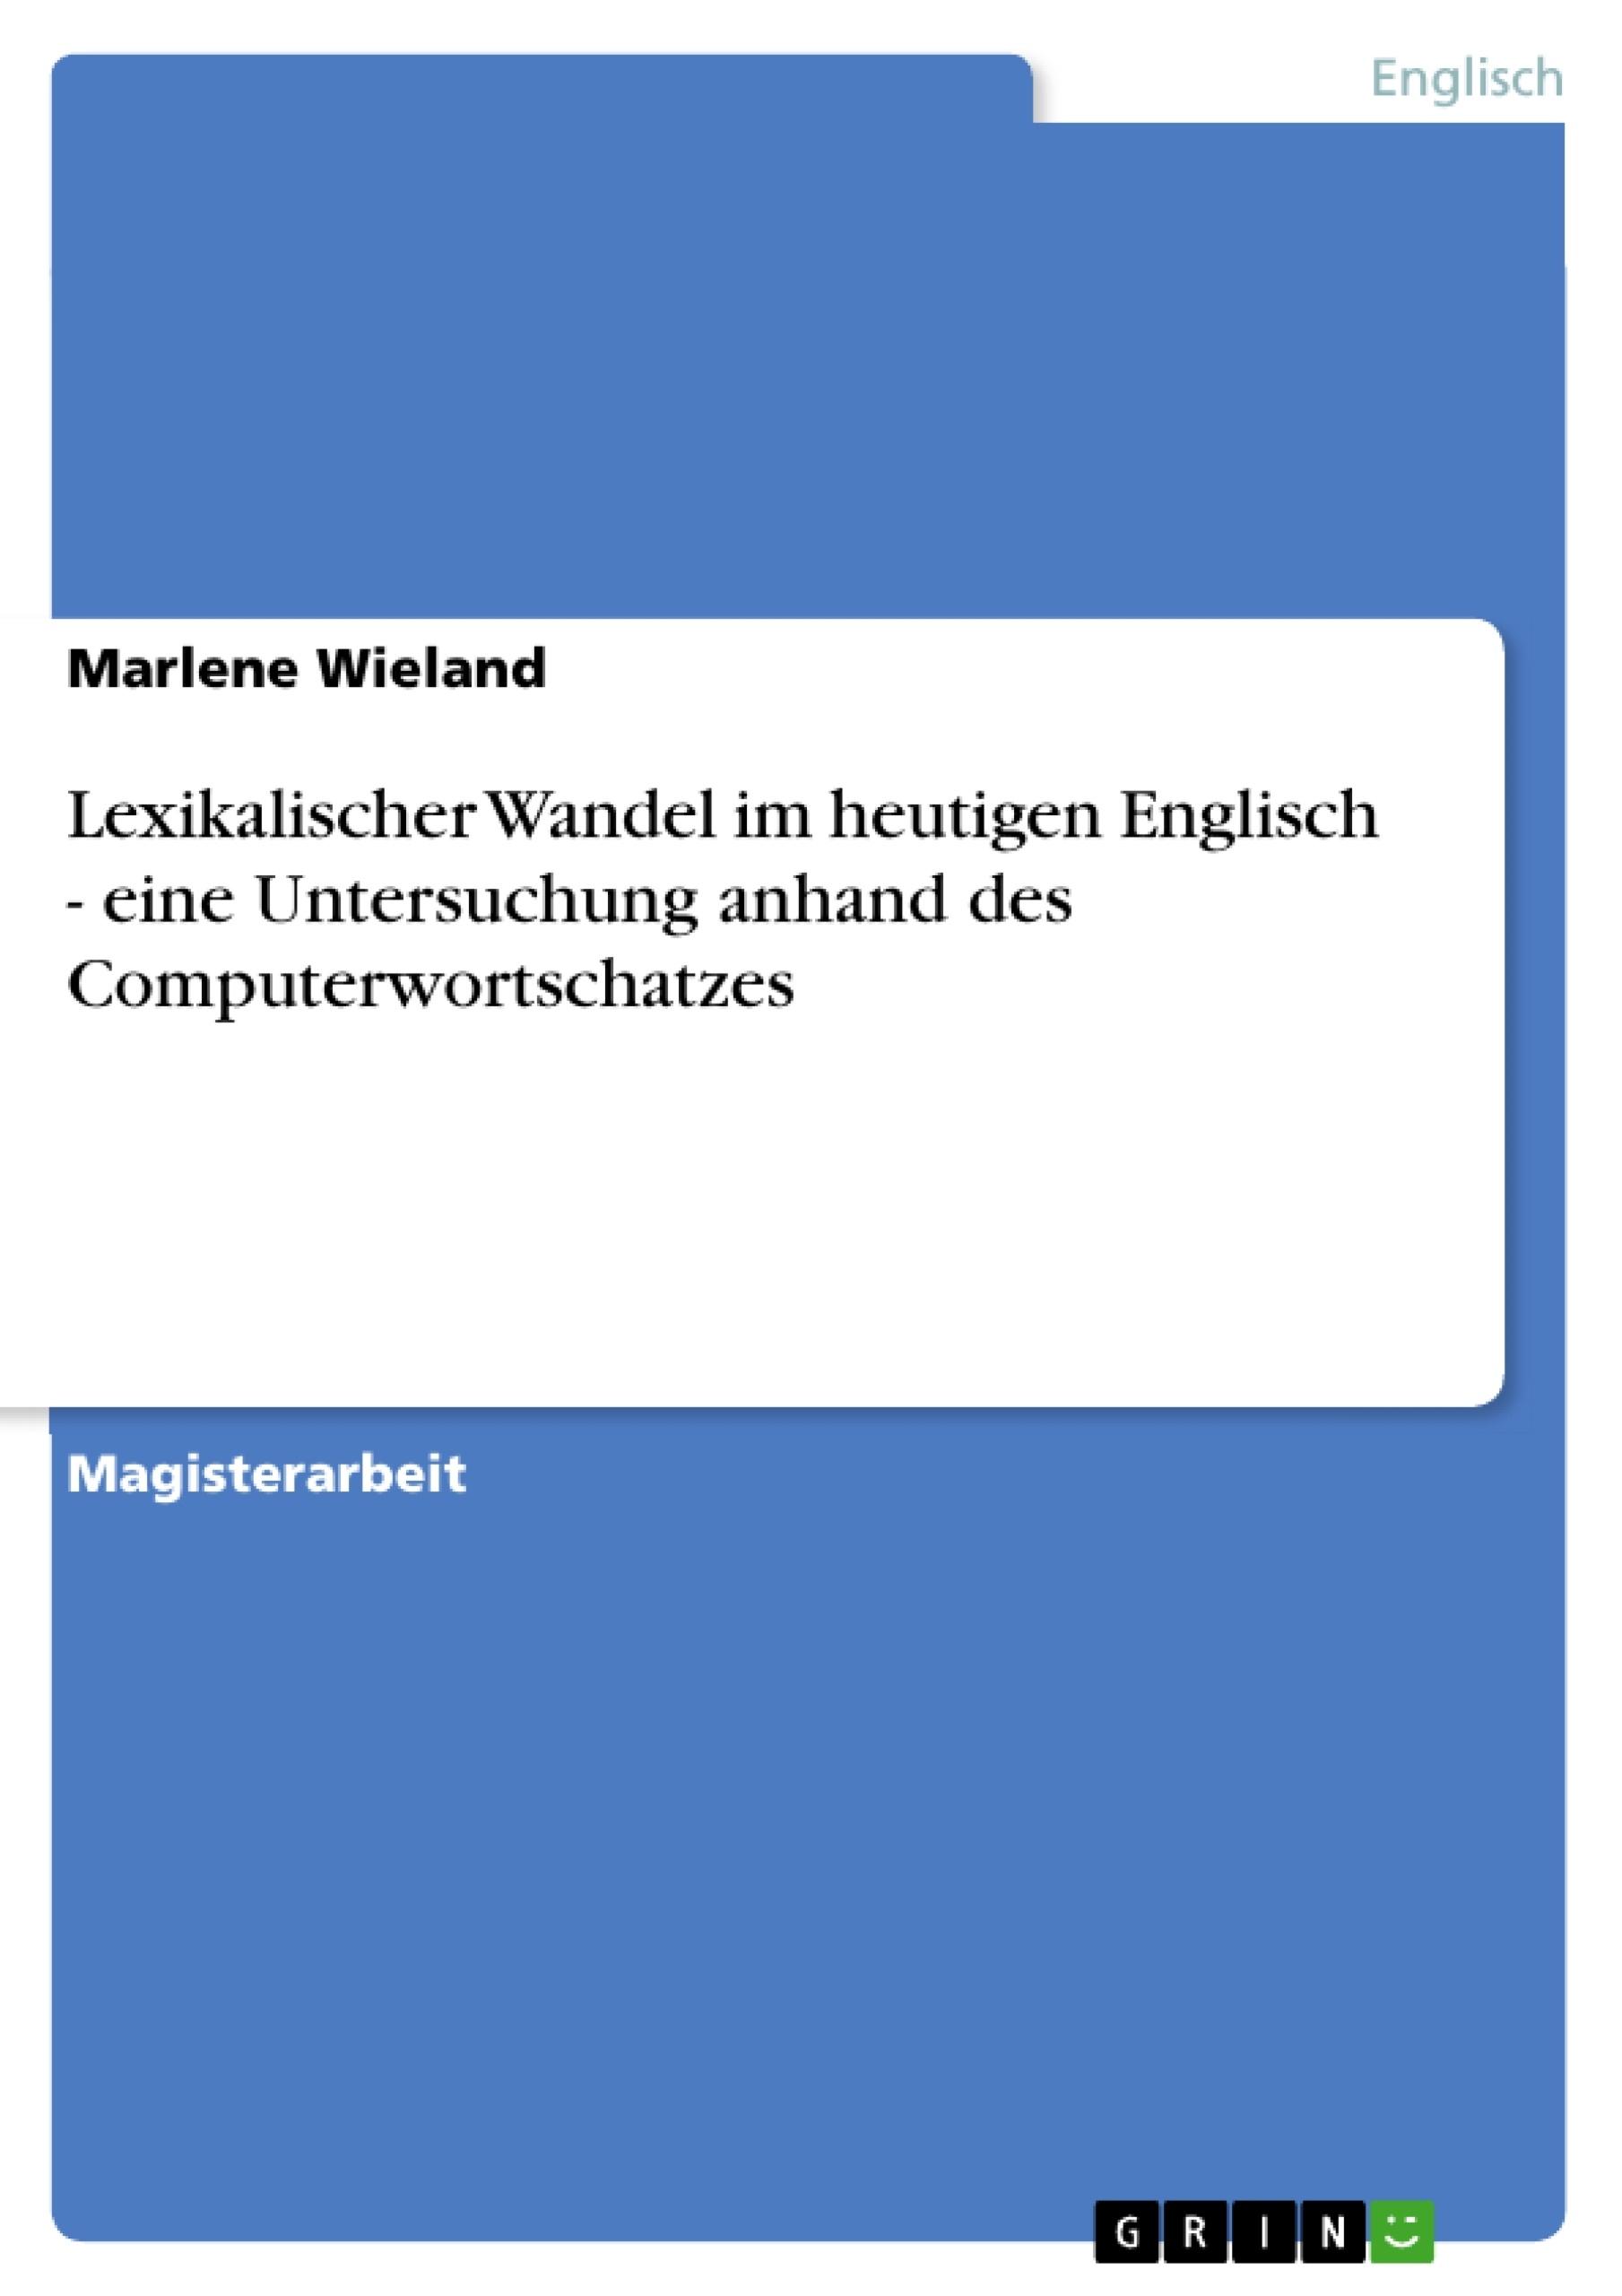 Titel: Lexikalischer Wandel im heutigen Englisch - eine Untersuchung anhand des Computerwortschatzes